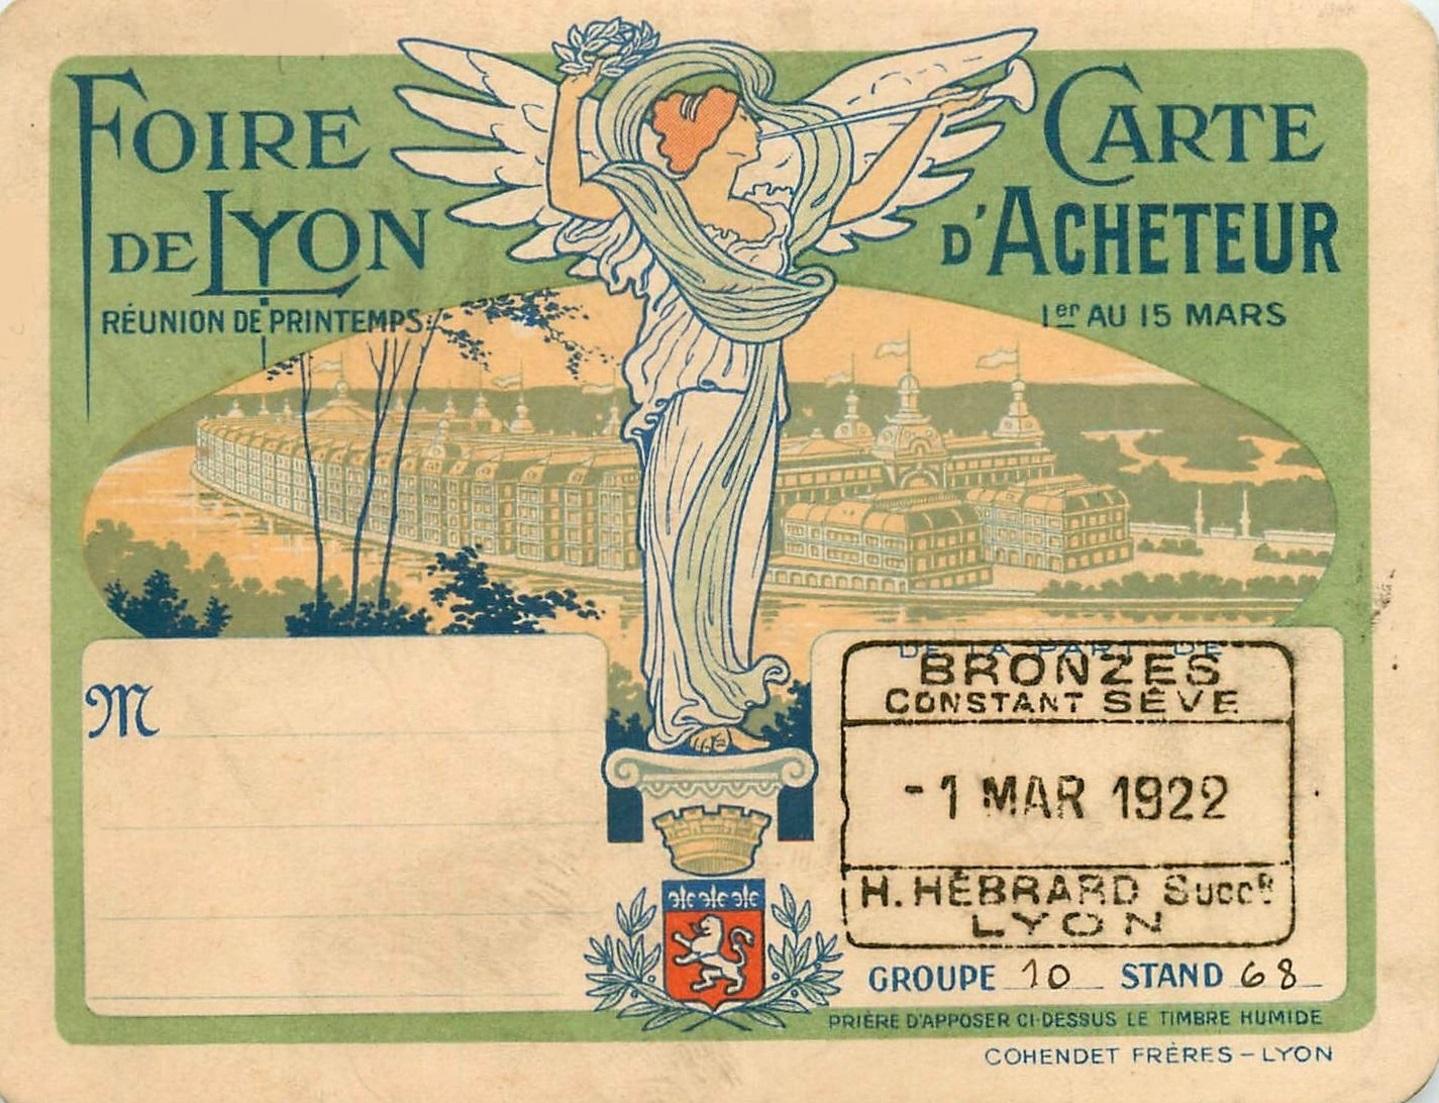 1922 carte acheteur